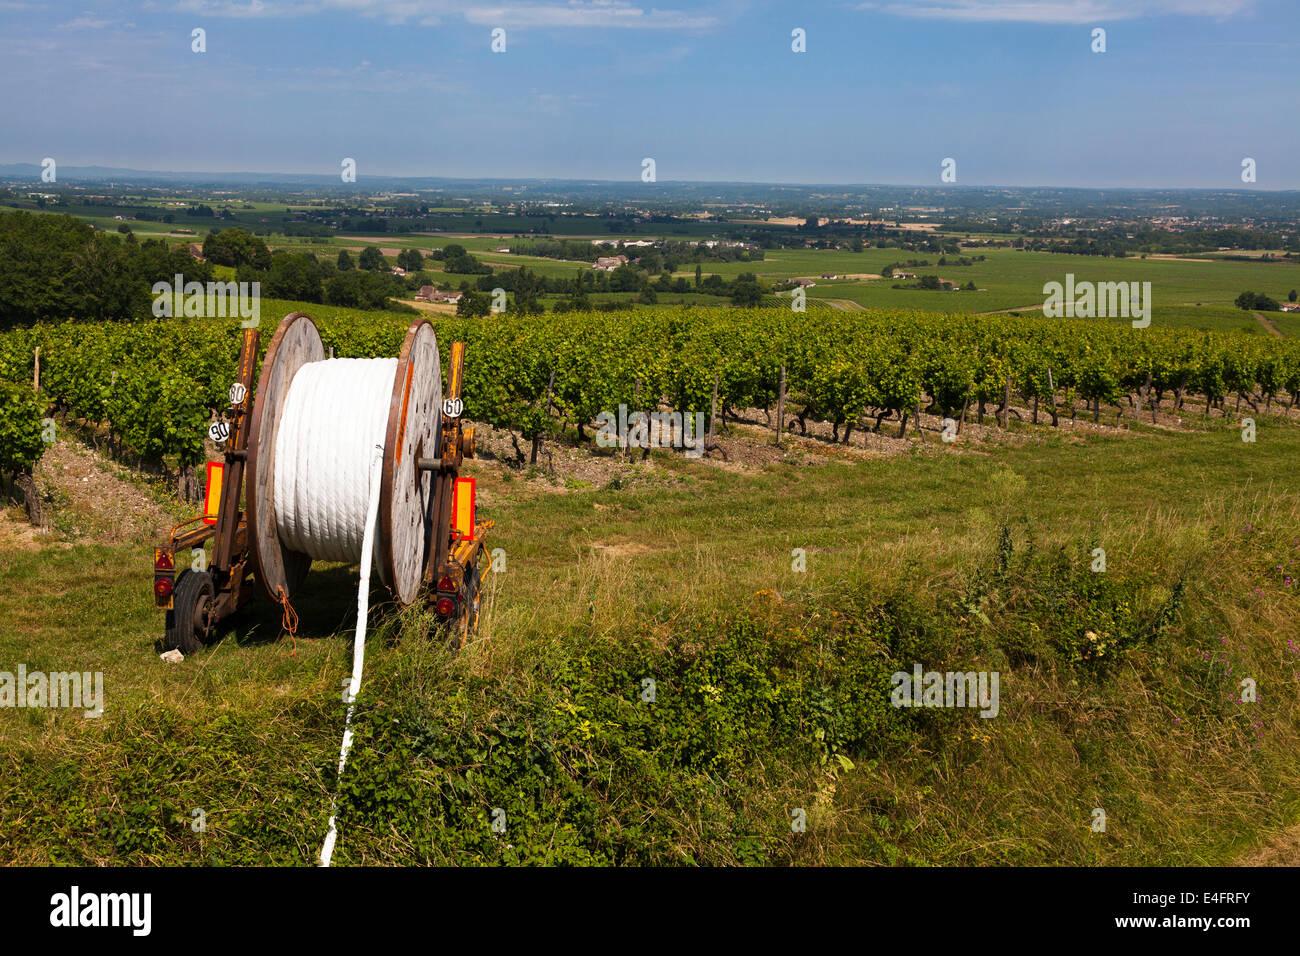 Acqua tubi di irrigazione sul tamburo da filari di vigne. Immagini Stock